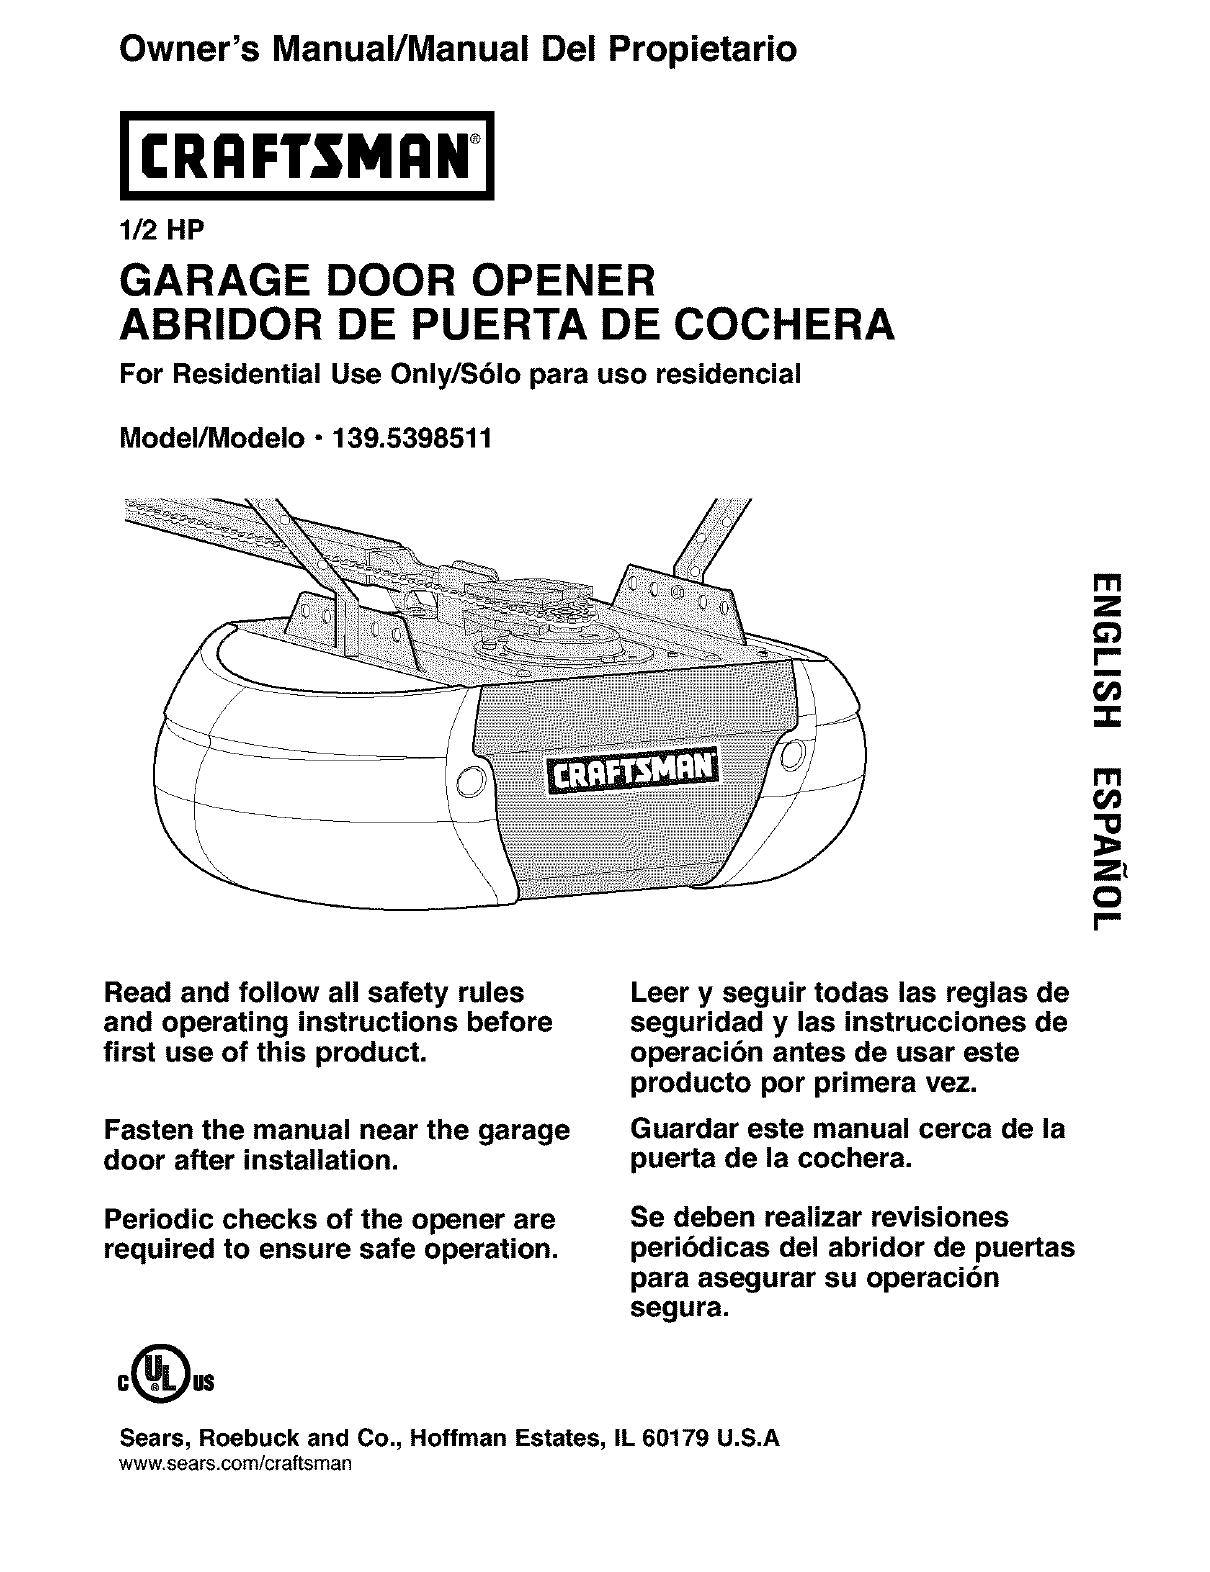 Craftsman 1395398511 User Manual Garage Door Opener Manuals And